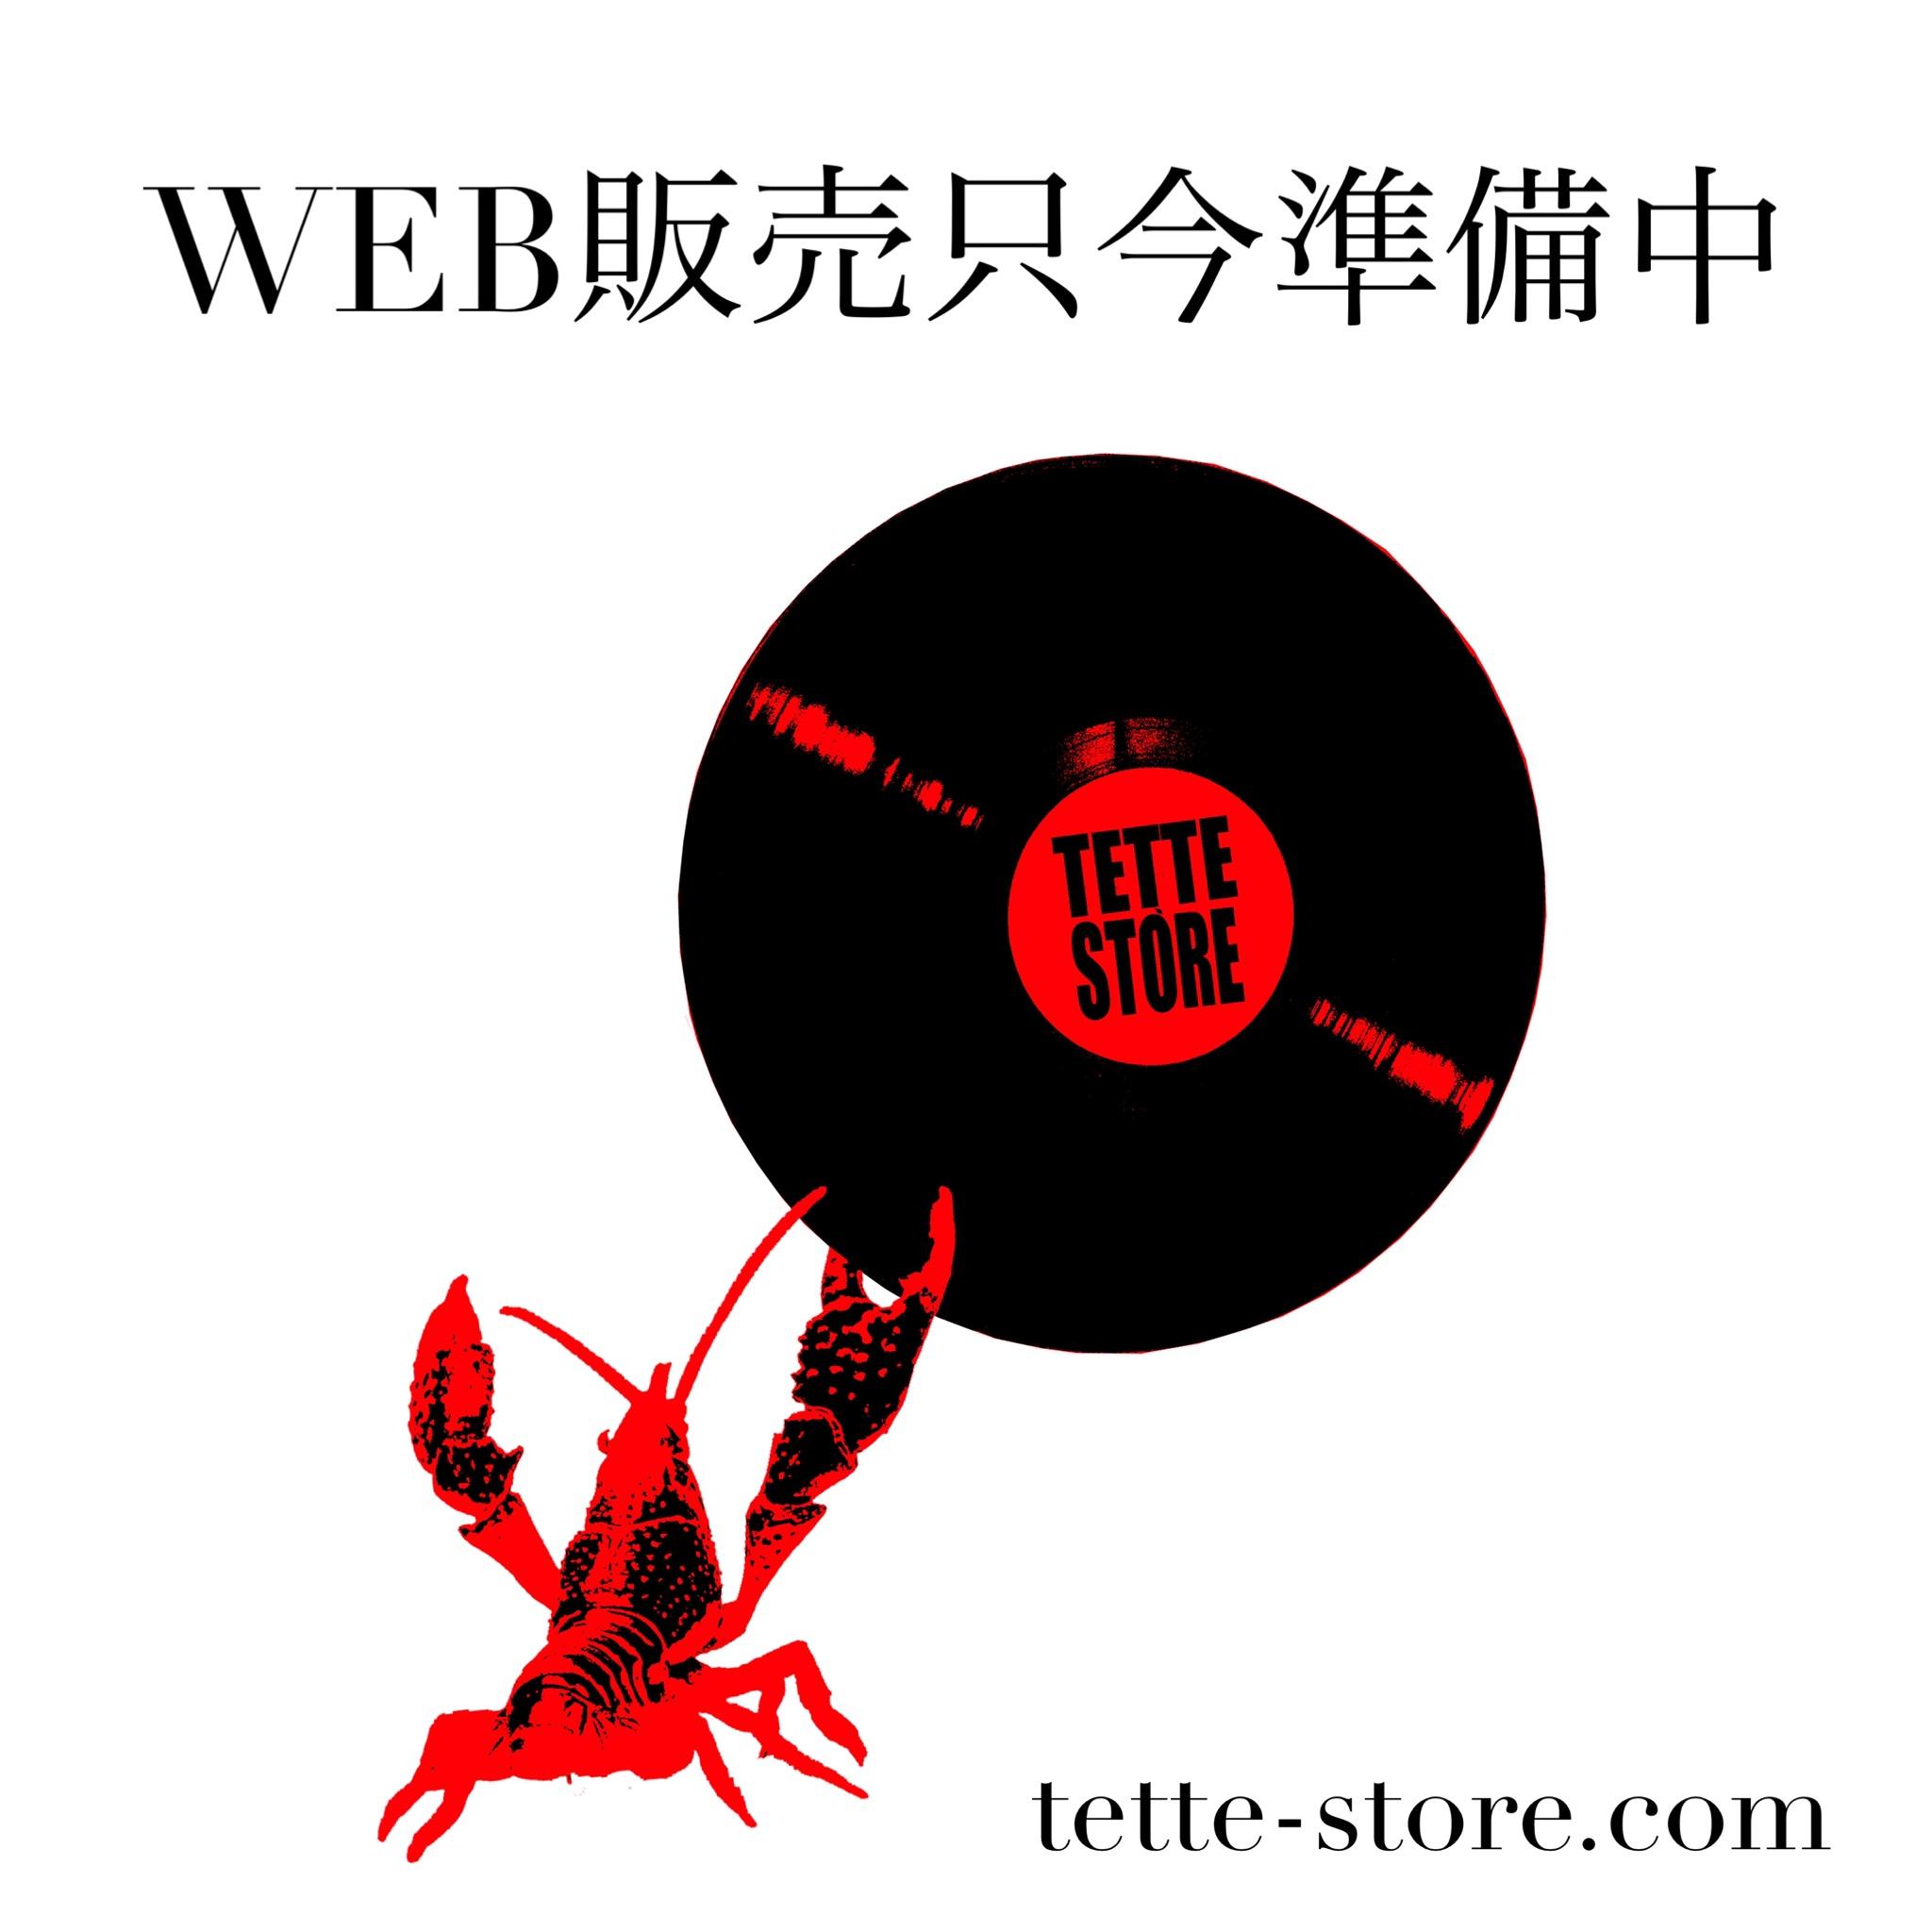 レコードバッグWEB販売します!